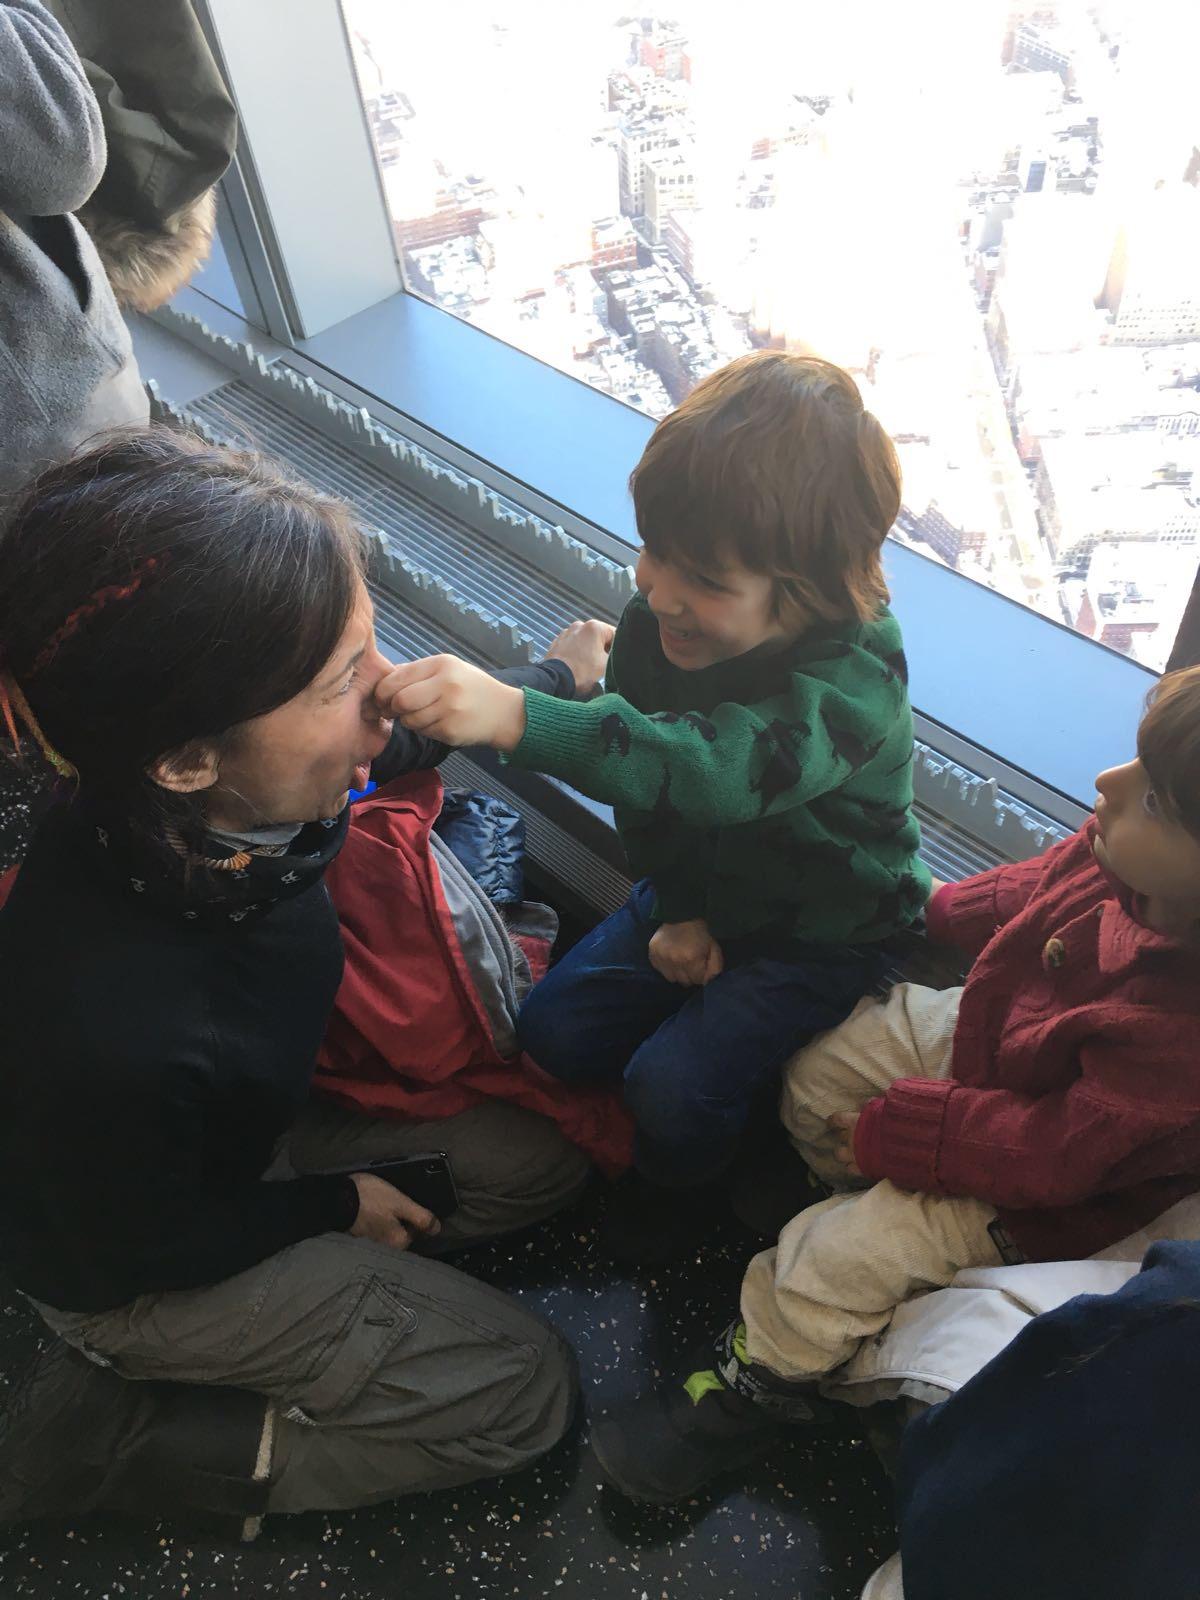 Niños jugandoJPG